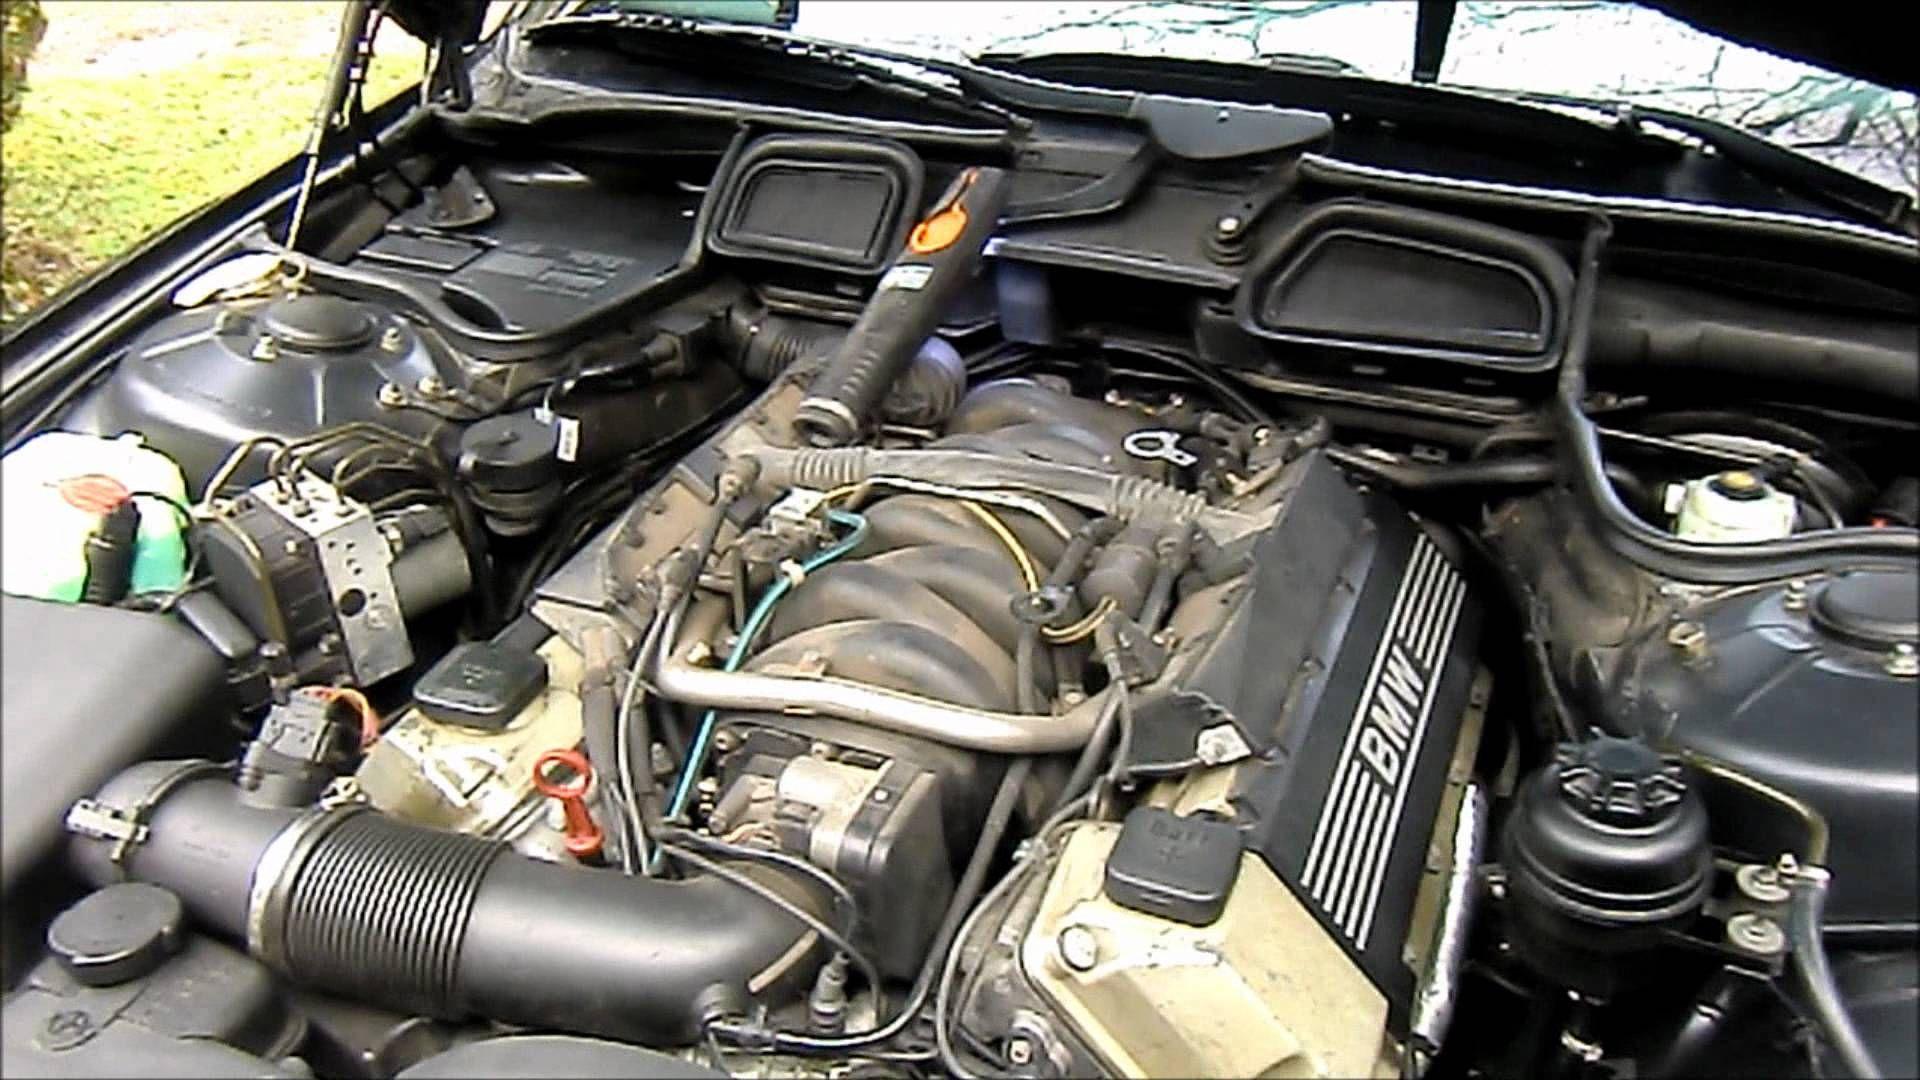 Bmw E38 7 And 5 Series E39 M60 M62 M62 Tu Rear Osv Membrane Pcv